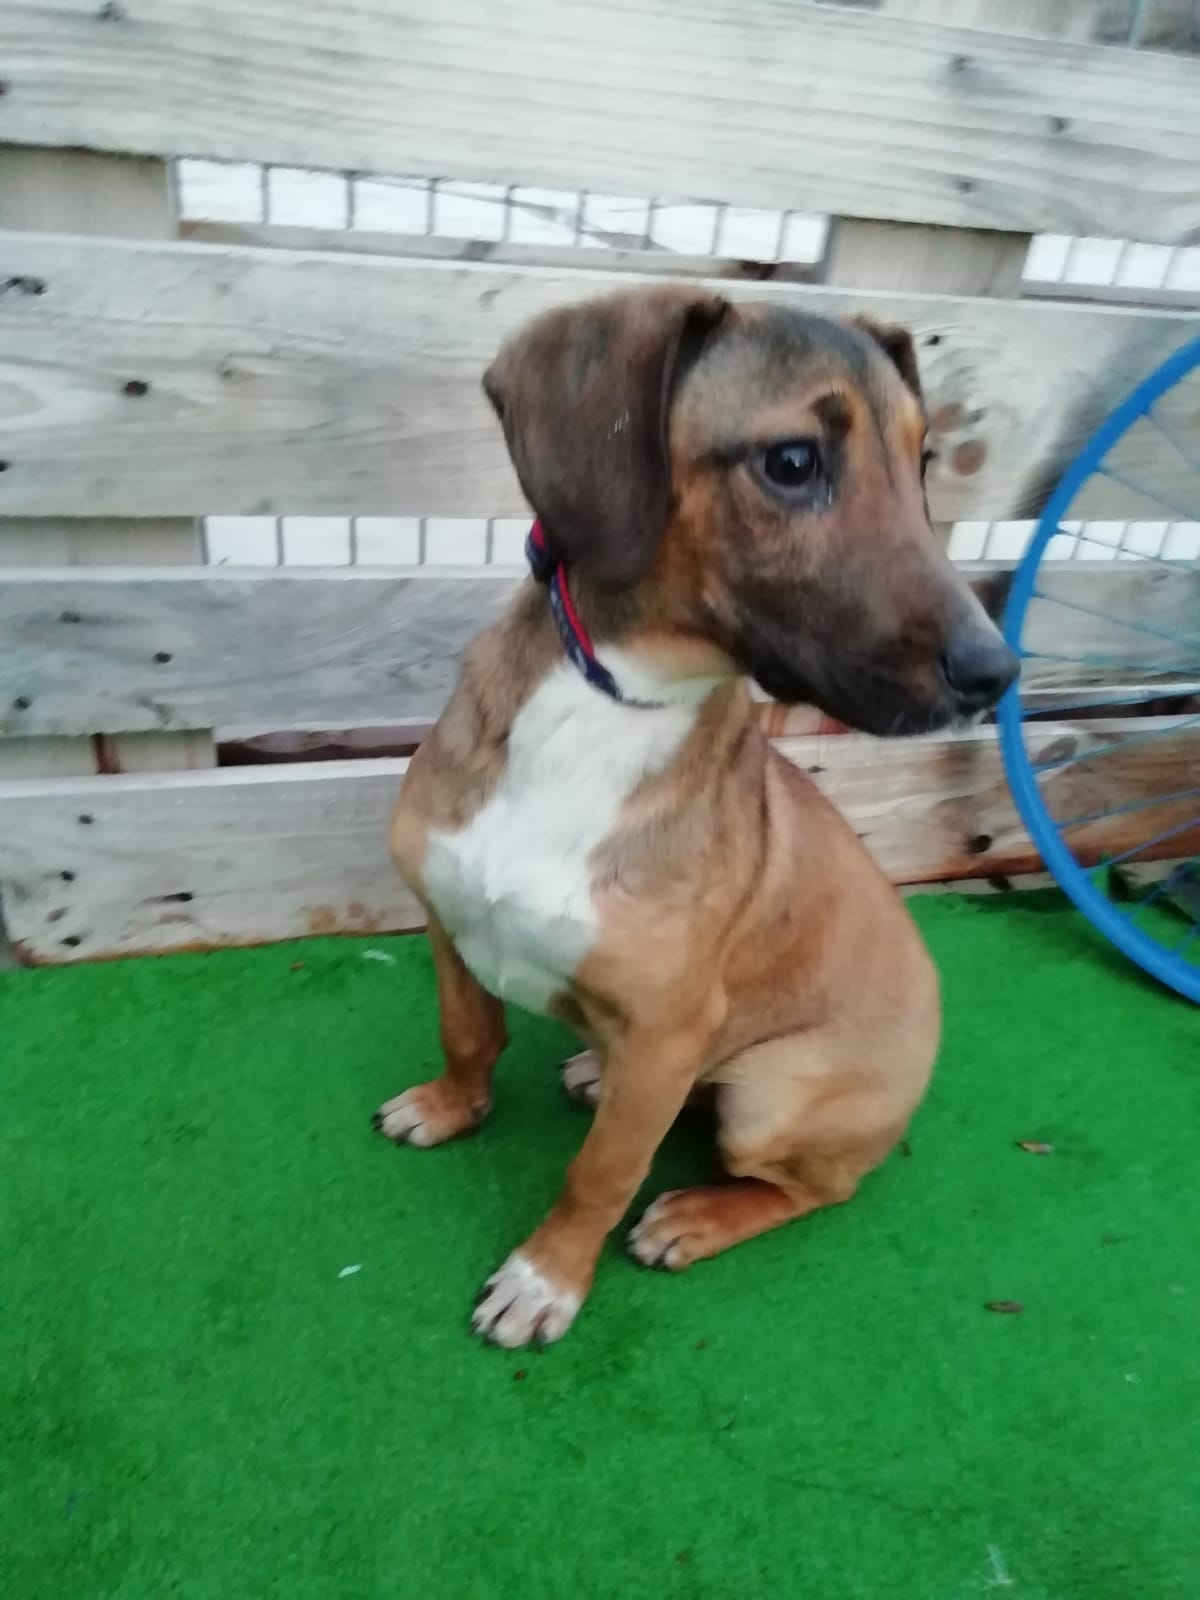 Perro en adopción en la protectora de Jaca. Albergue para animales abandonados. Si quieres adoptar: https://protectora-jaca.org/perros/